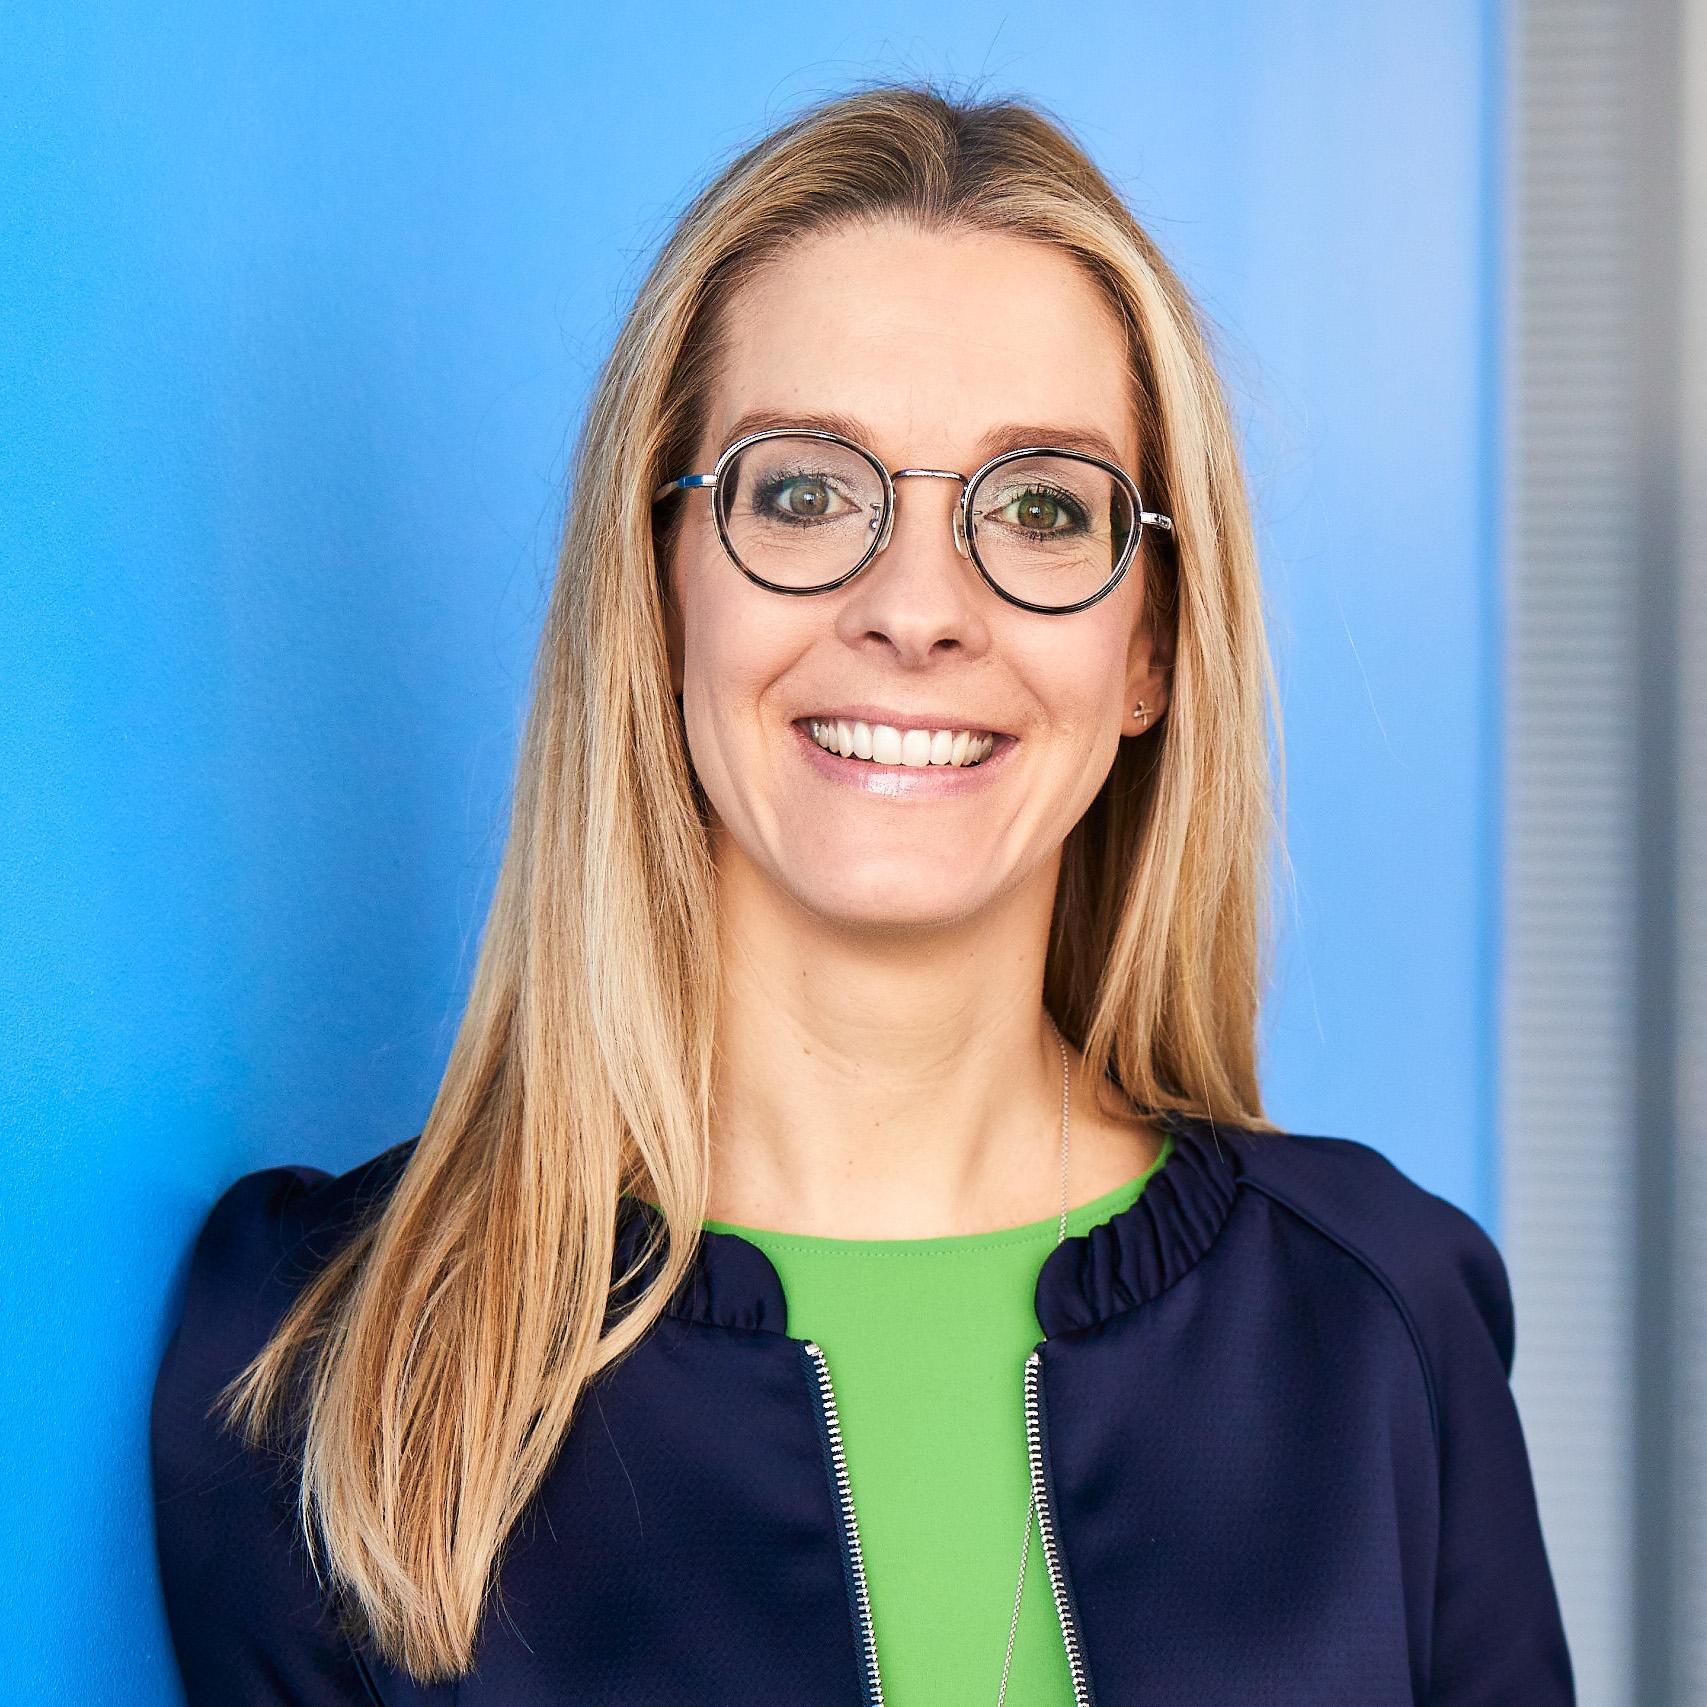 Claudia Oeking PMI